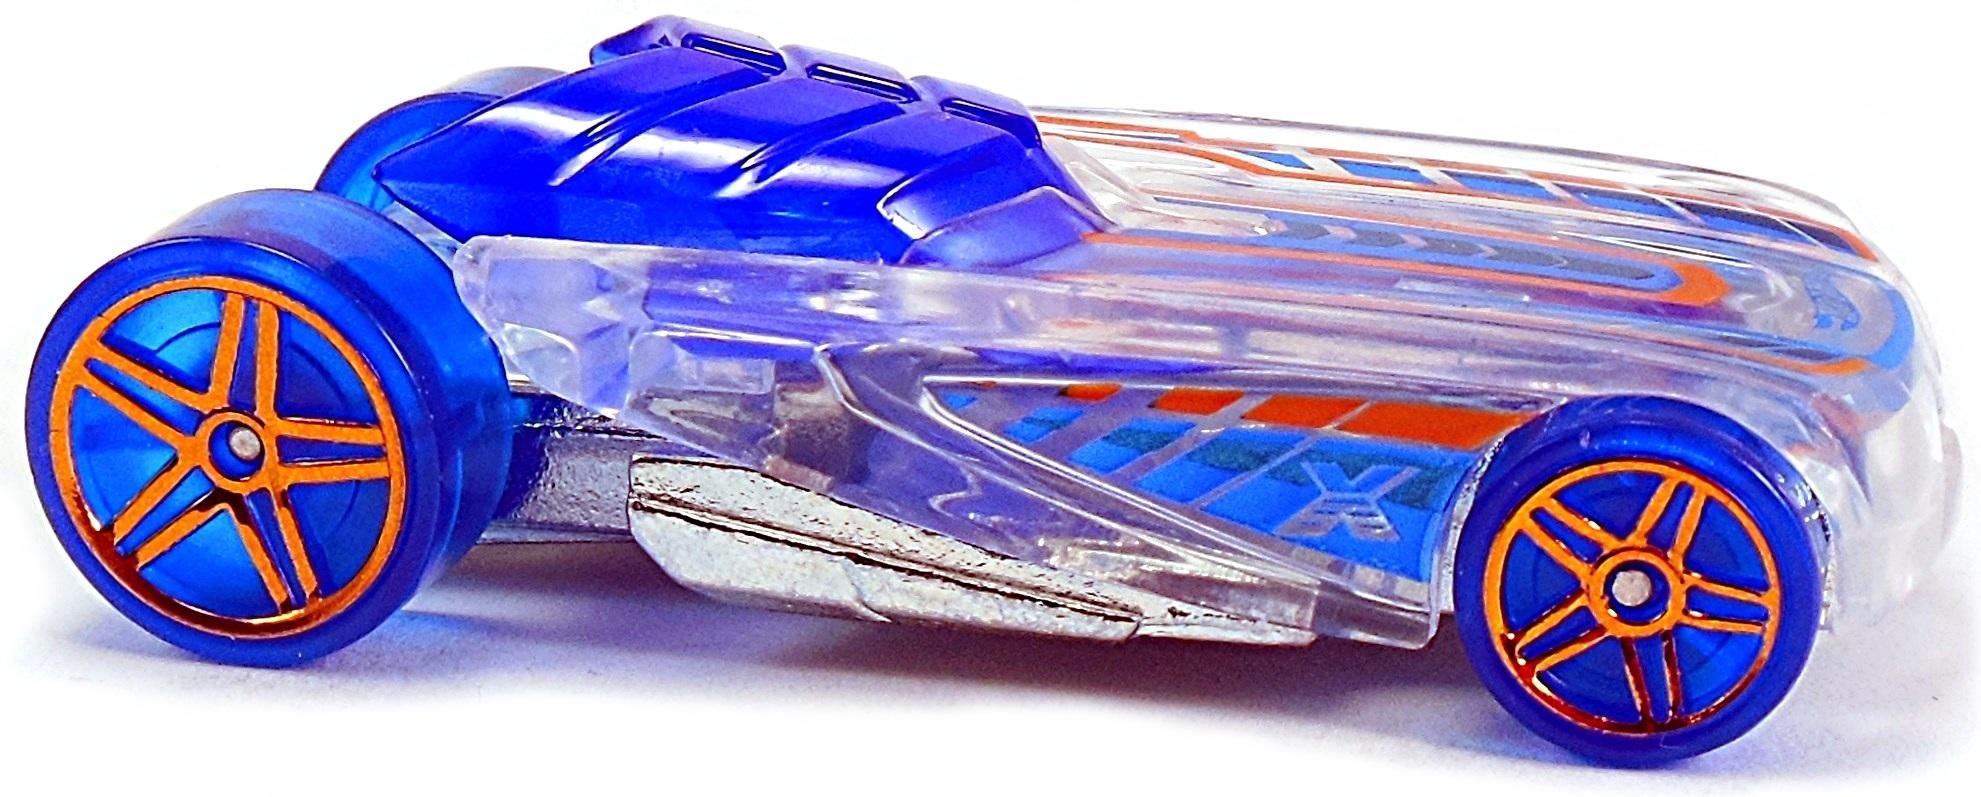 pharodox – 70mm – 2006 | hot wheels newsletter